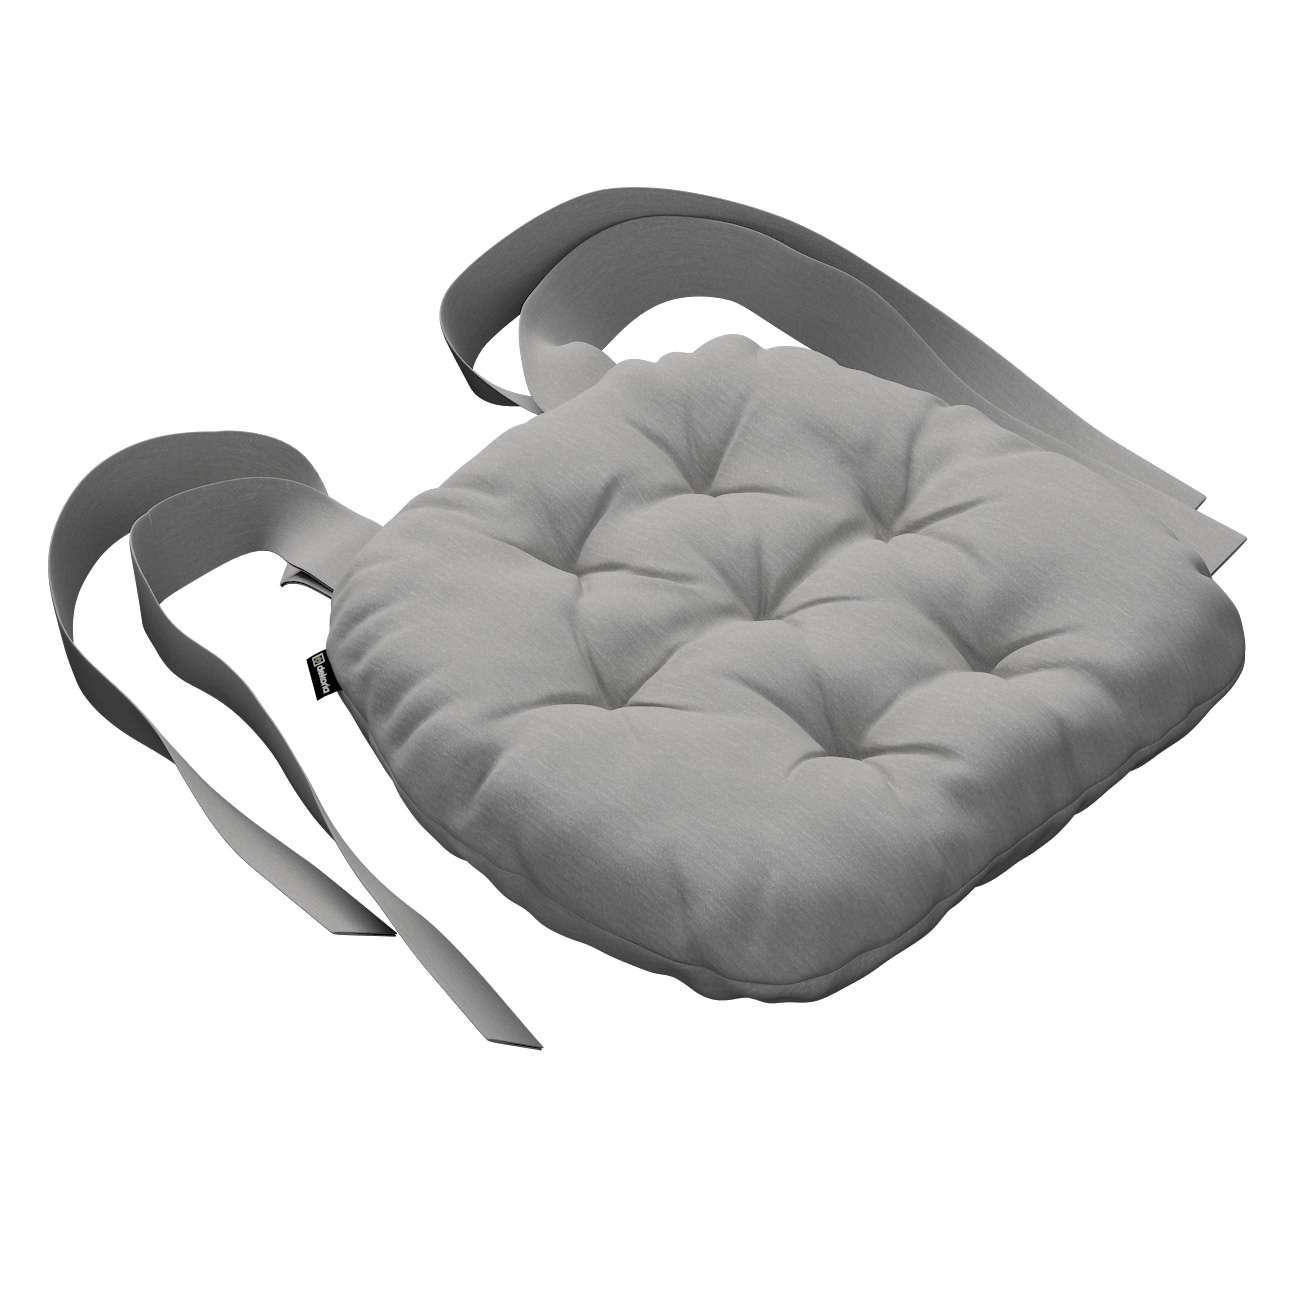 Kėdės pagalvėlė Marcin (apvaliais kraštais) 40 x 37 x 8 cm kolekcijoje Chenille, audinys: 702-23